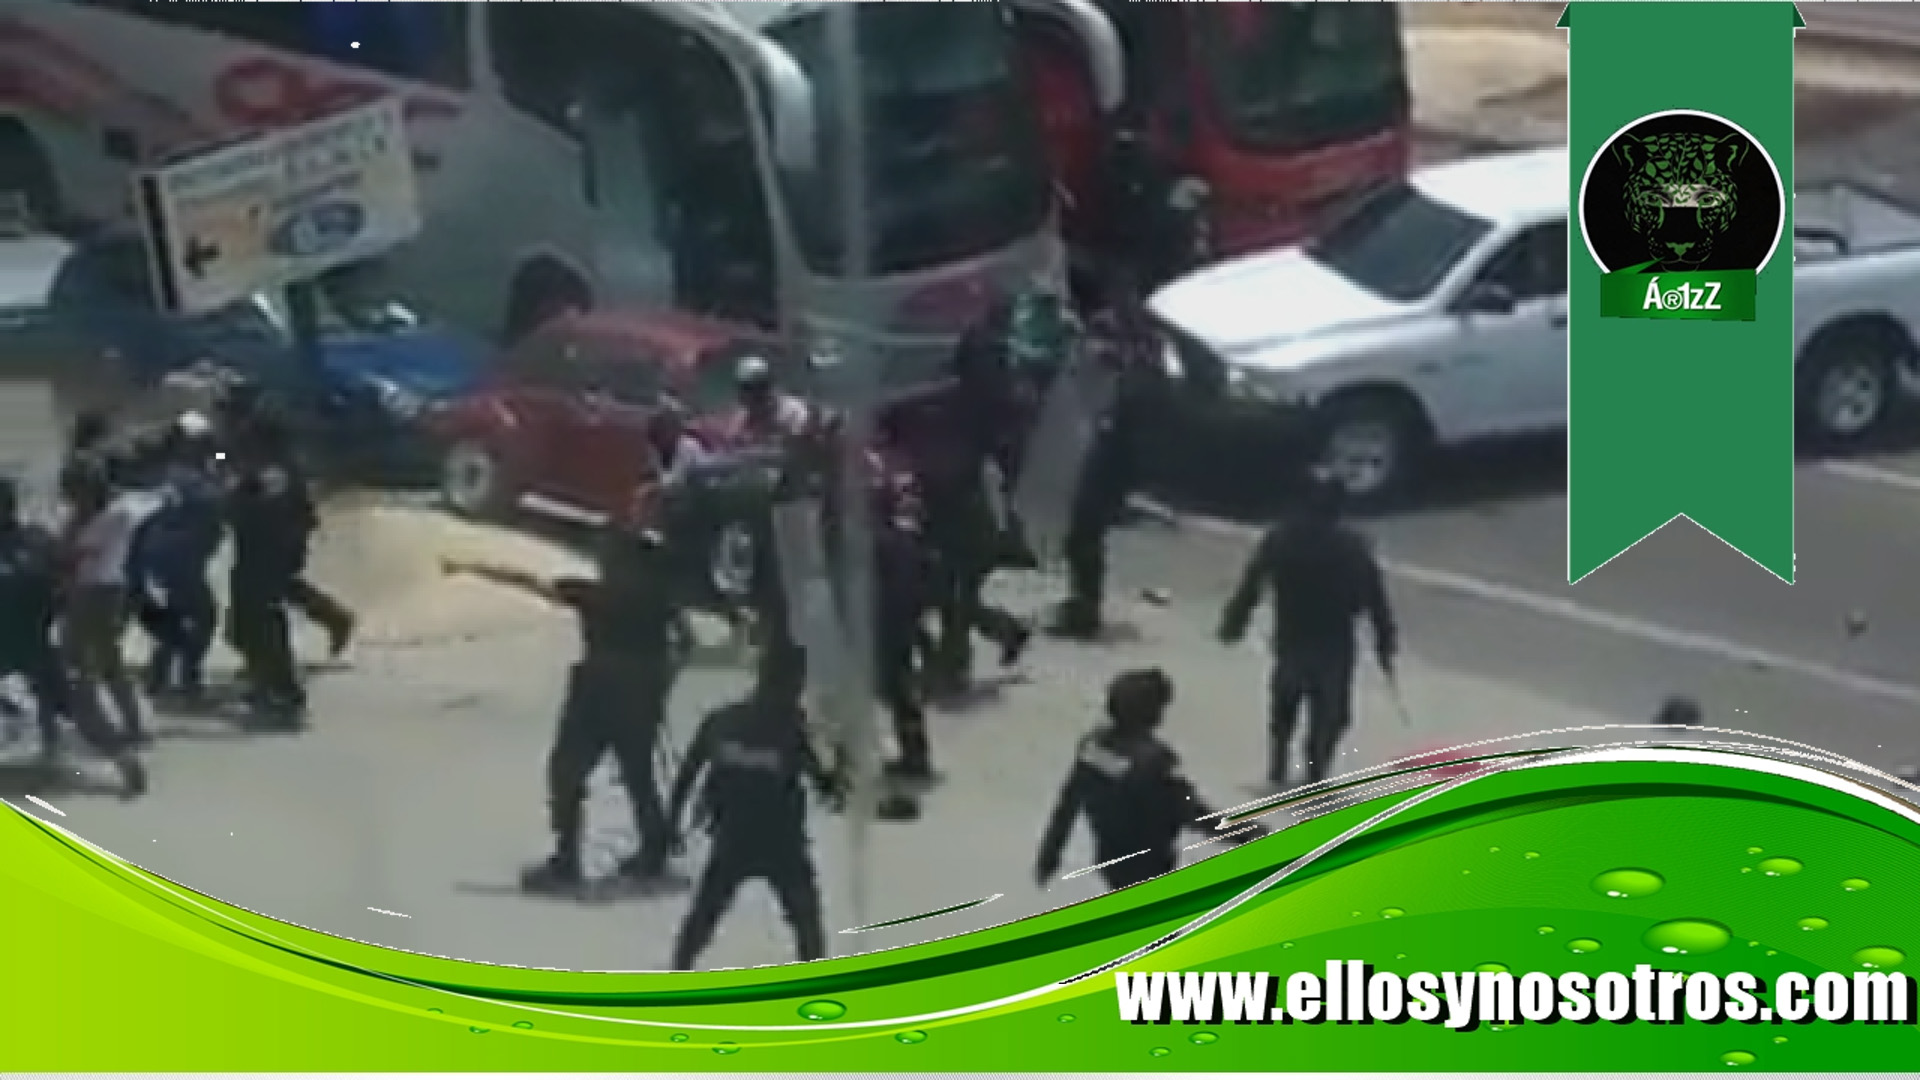 Solidaridad con los normalistas de Chiapas. Cien de los 236 permanecen detenidos (videos)